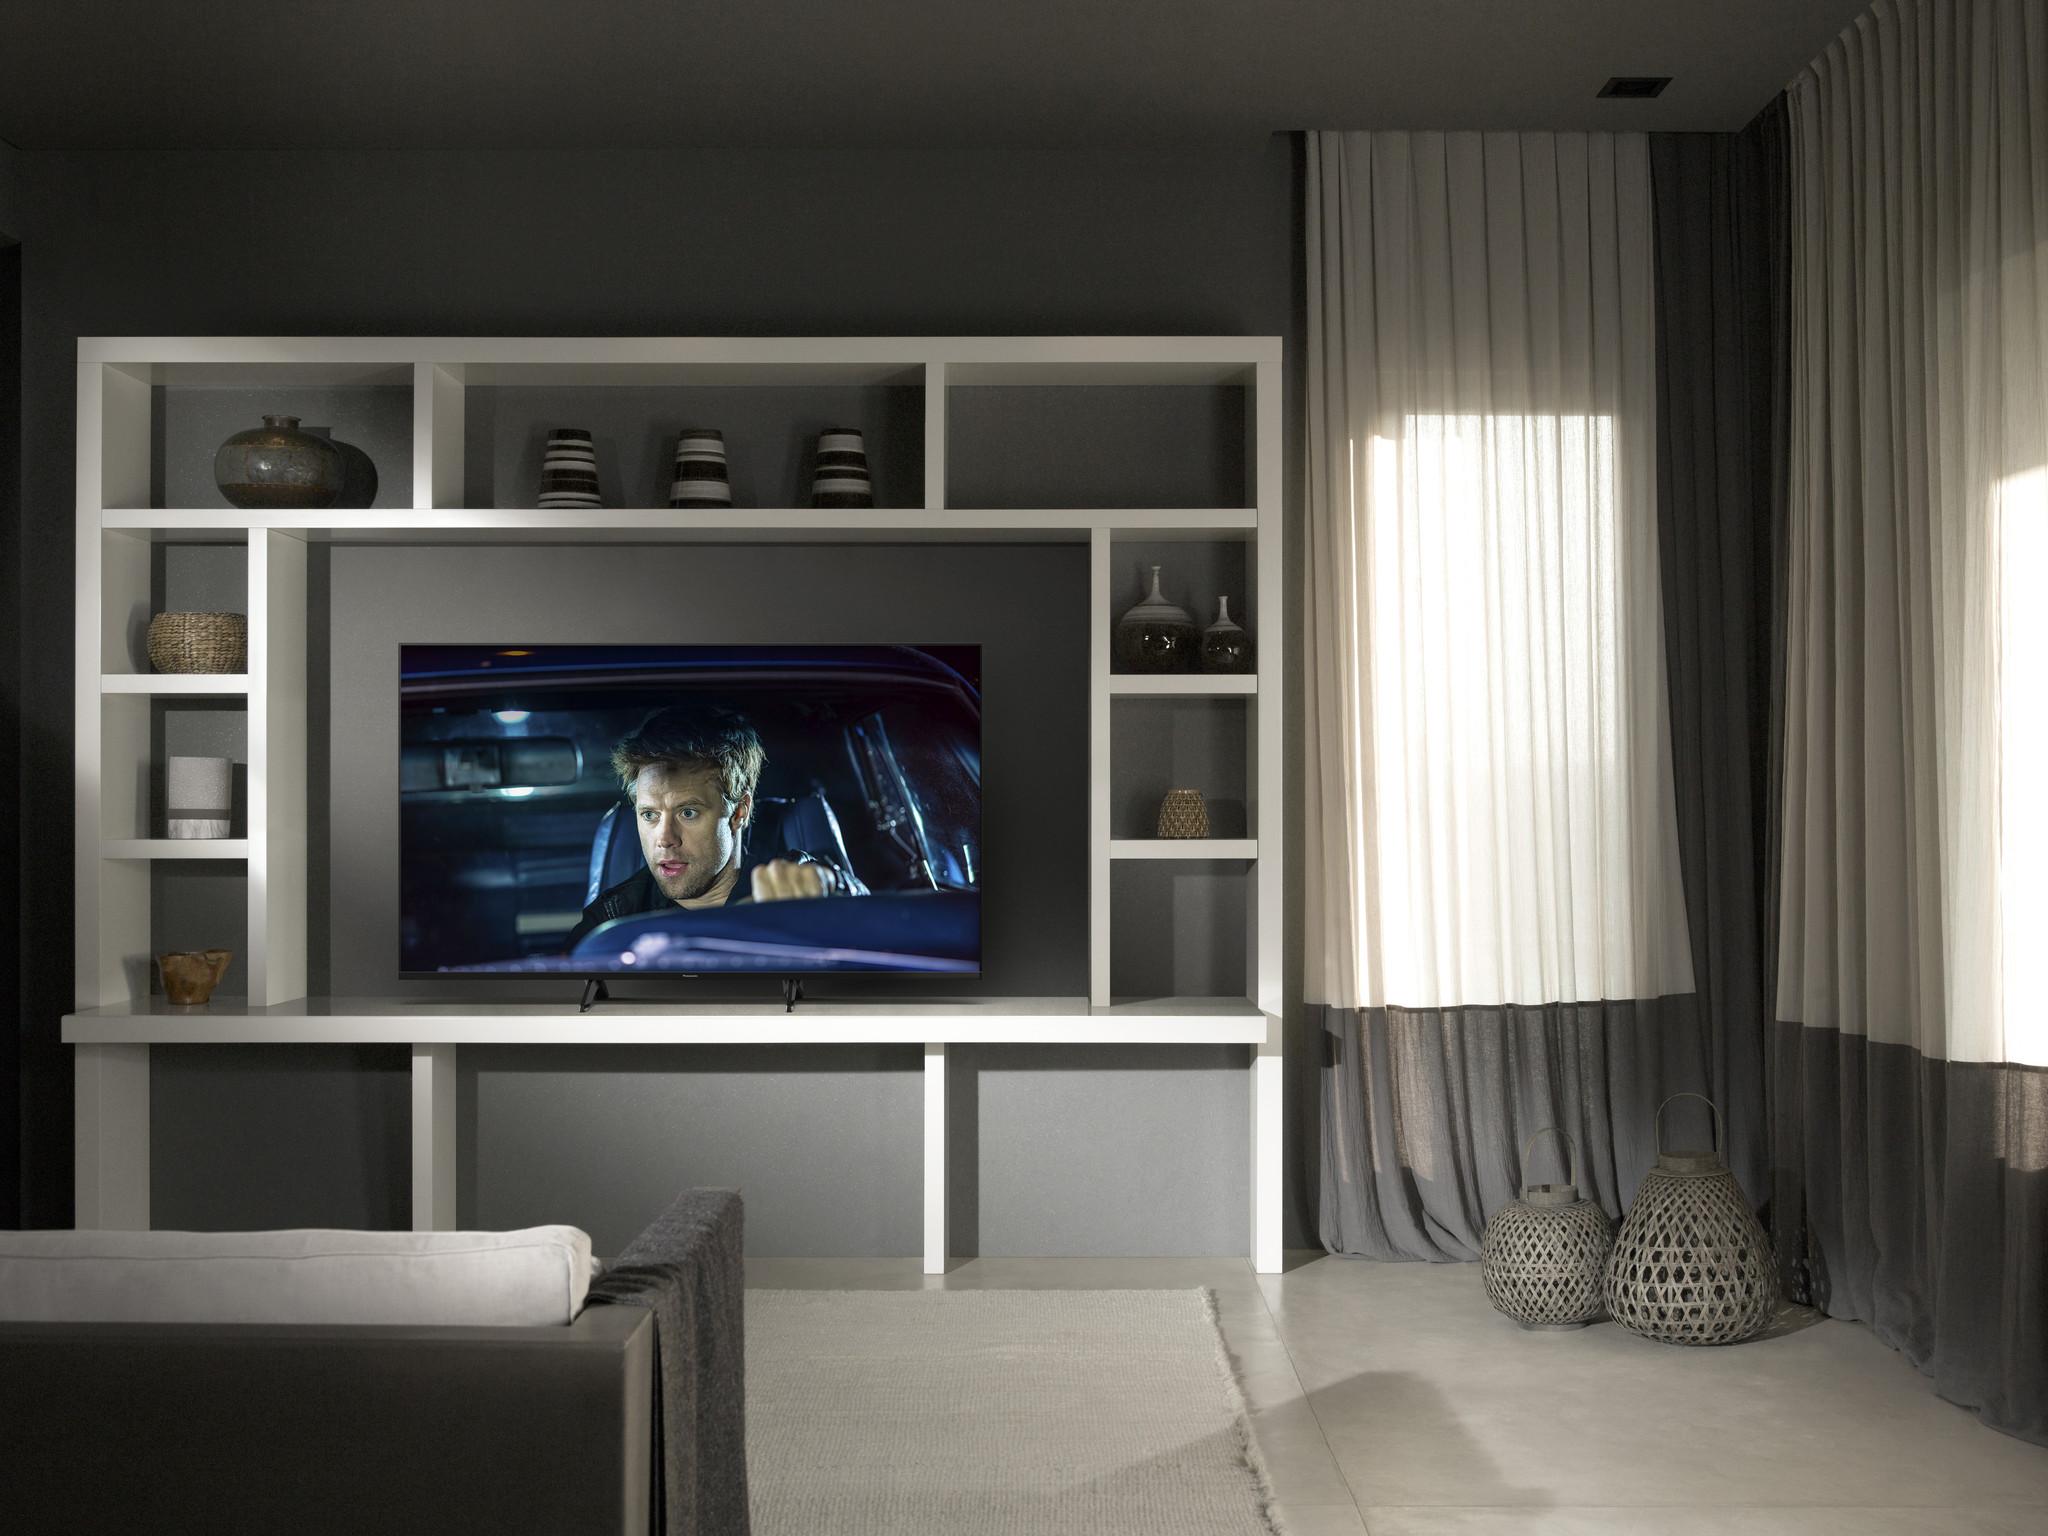 Brand New LED/OLED TV's